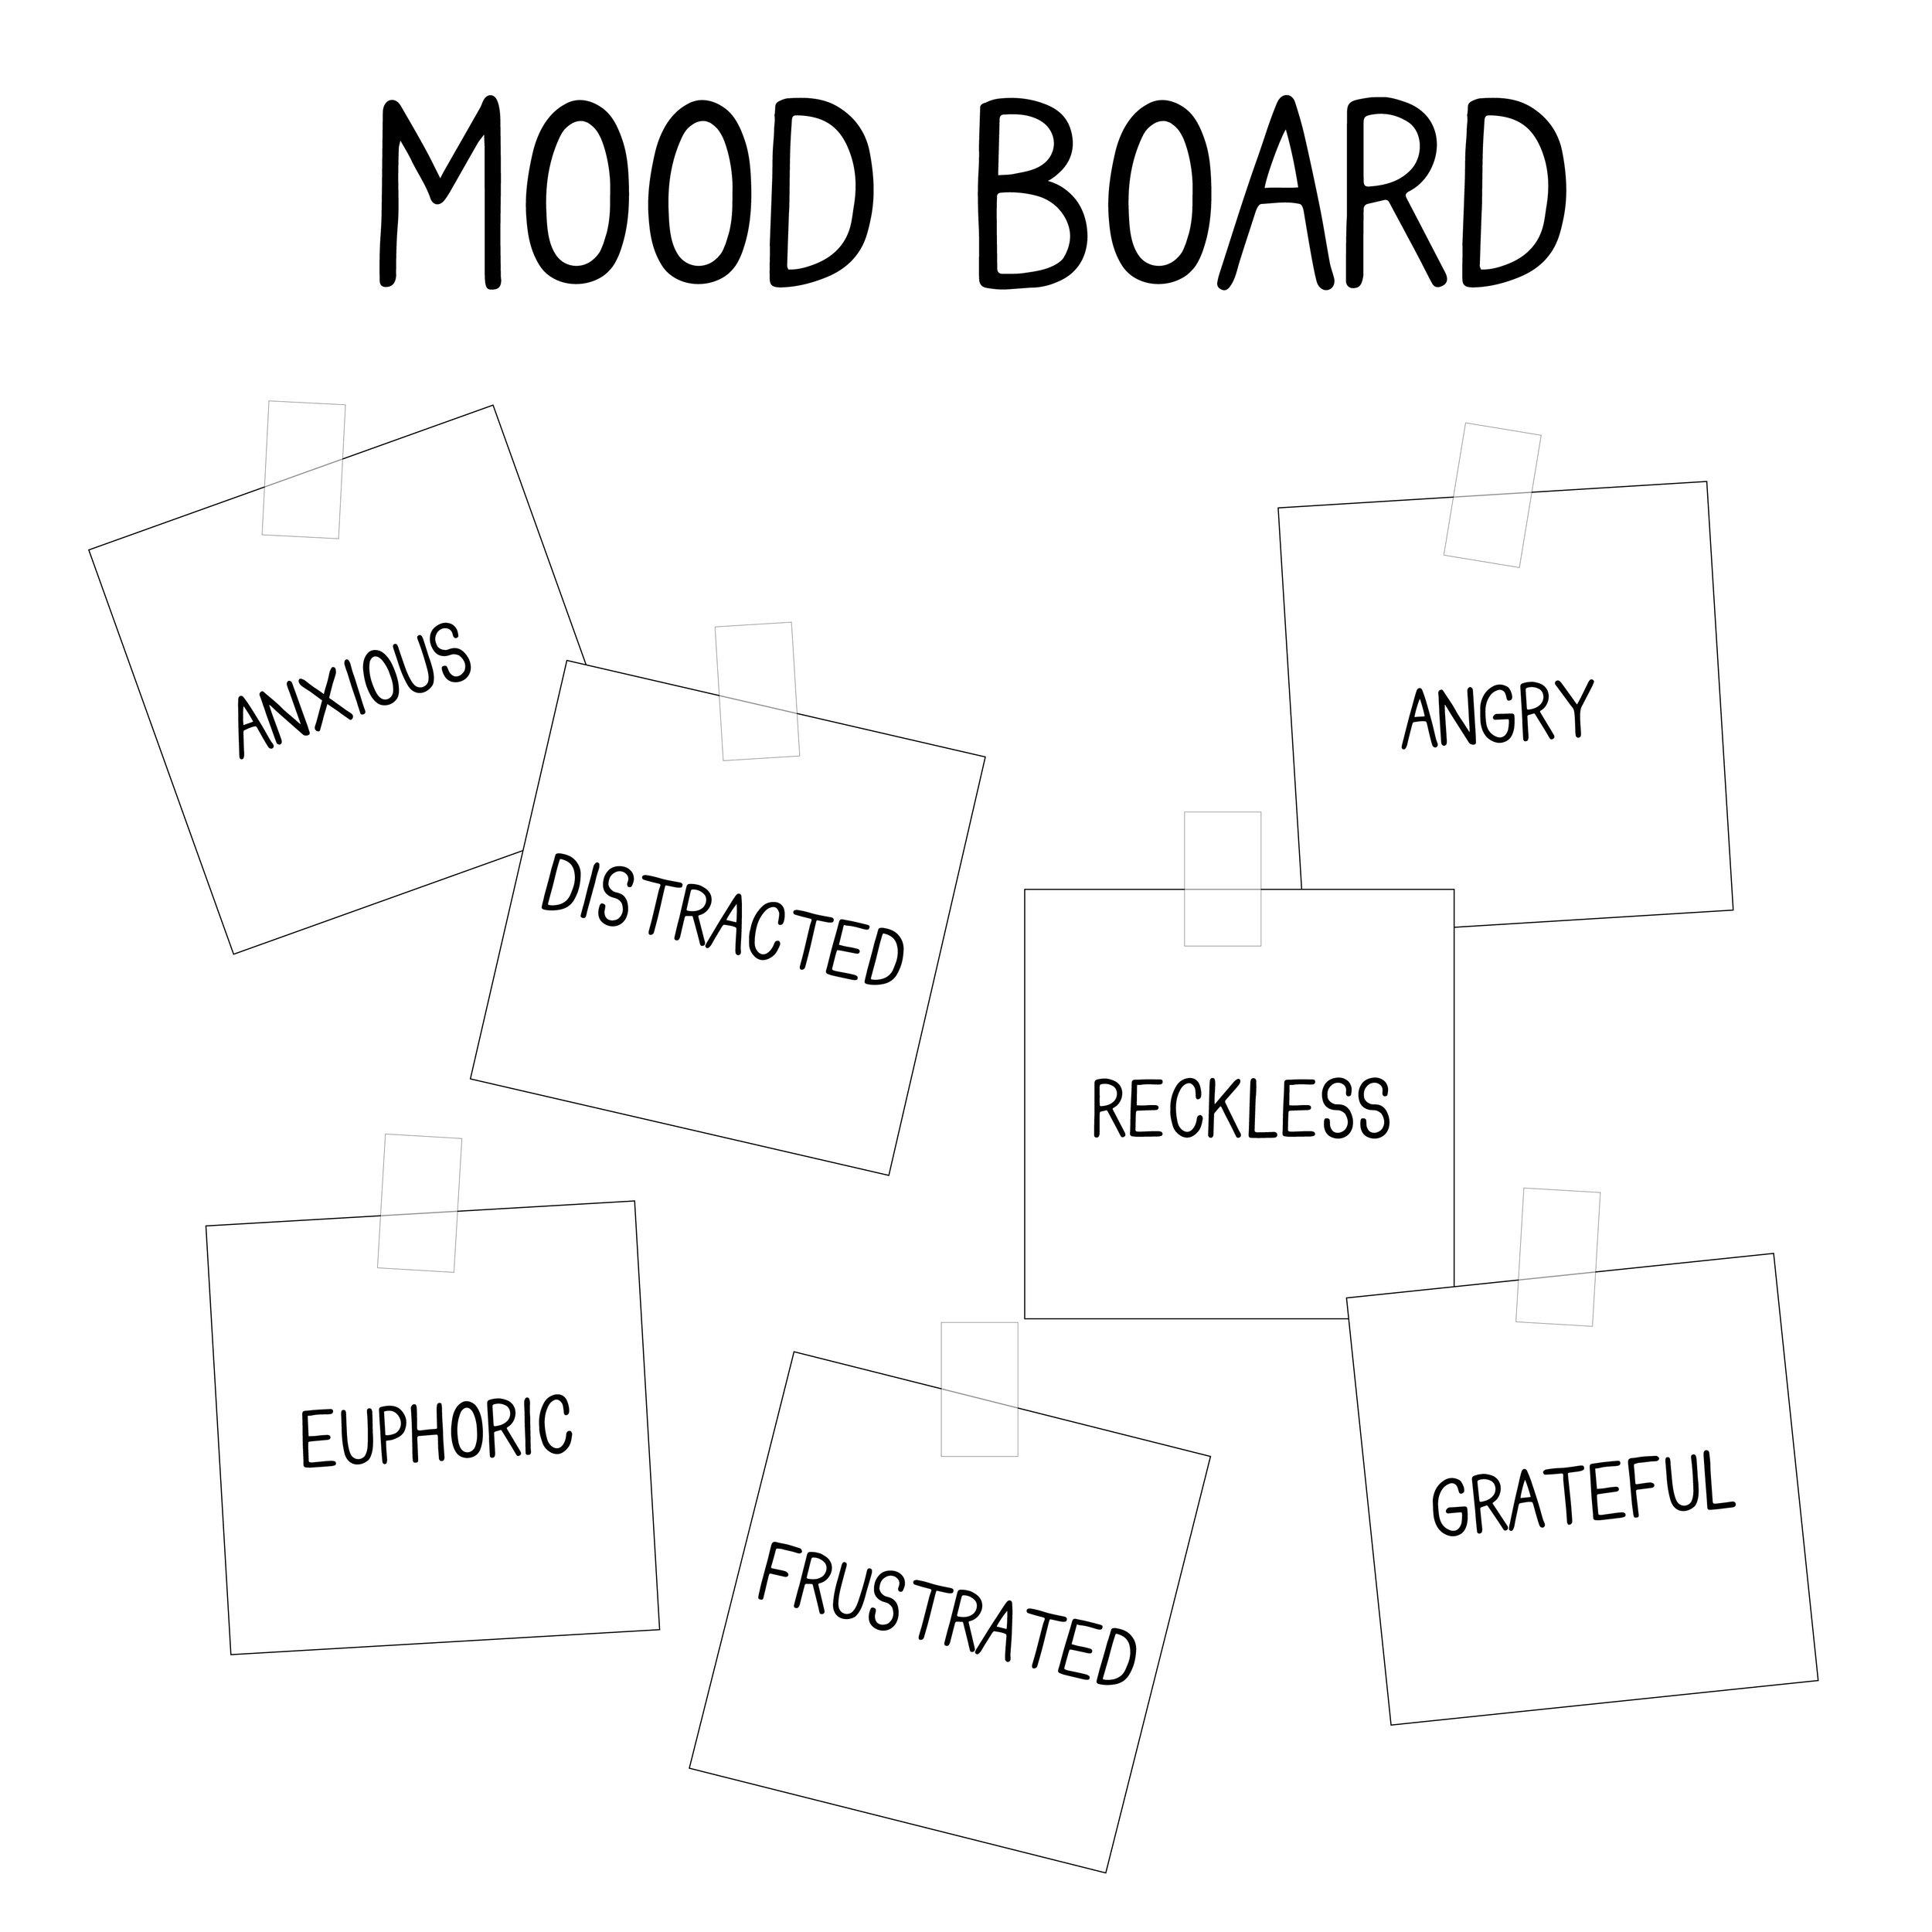 moodboard-01.jpg